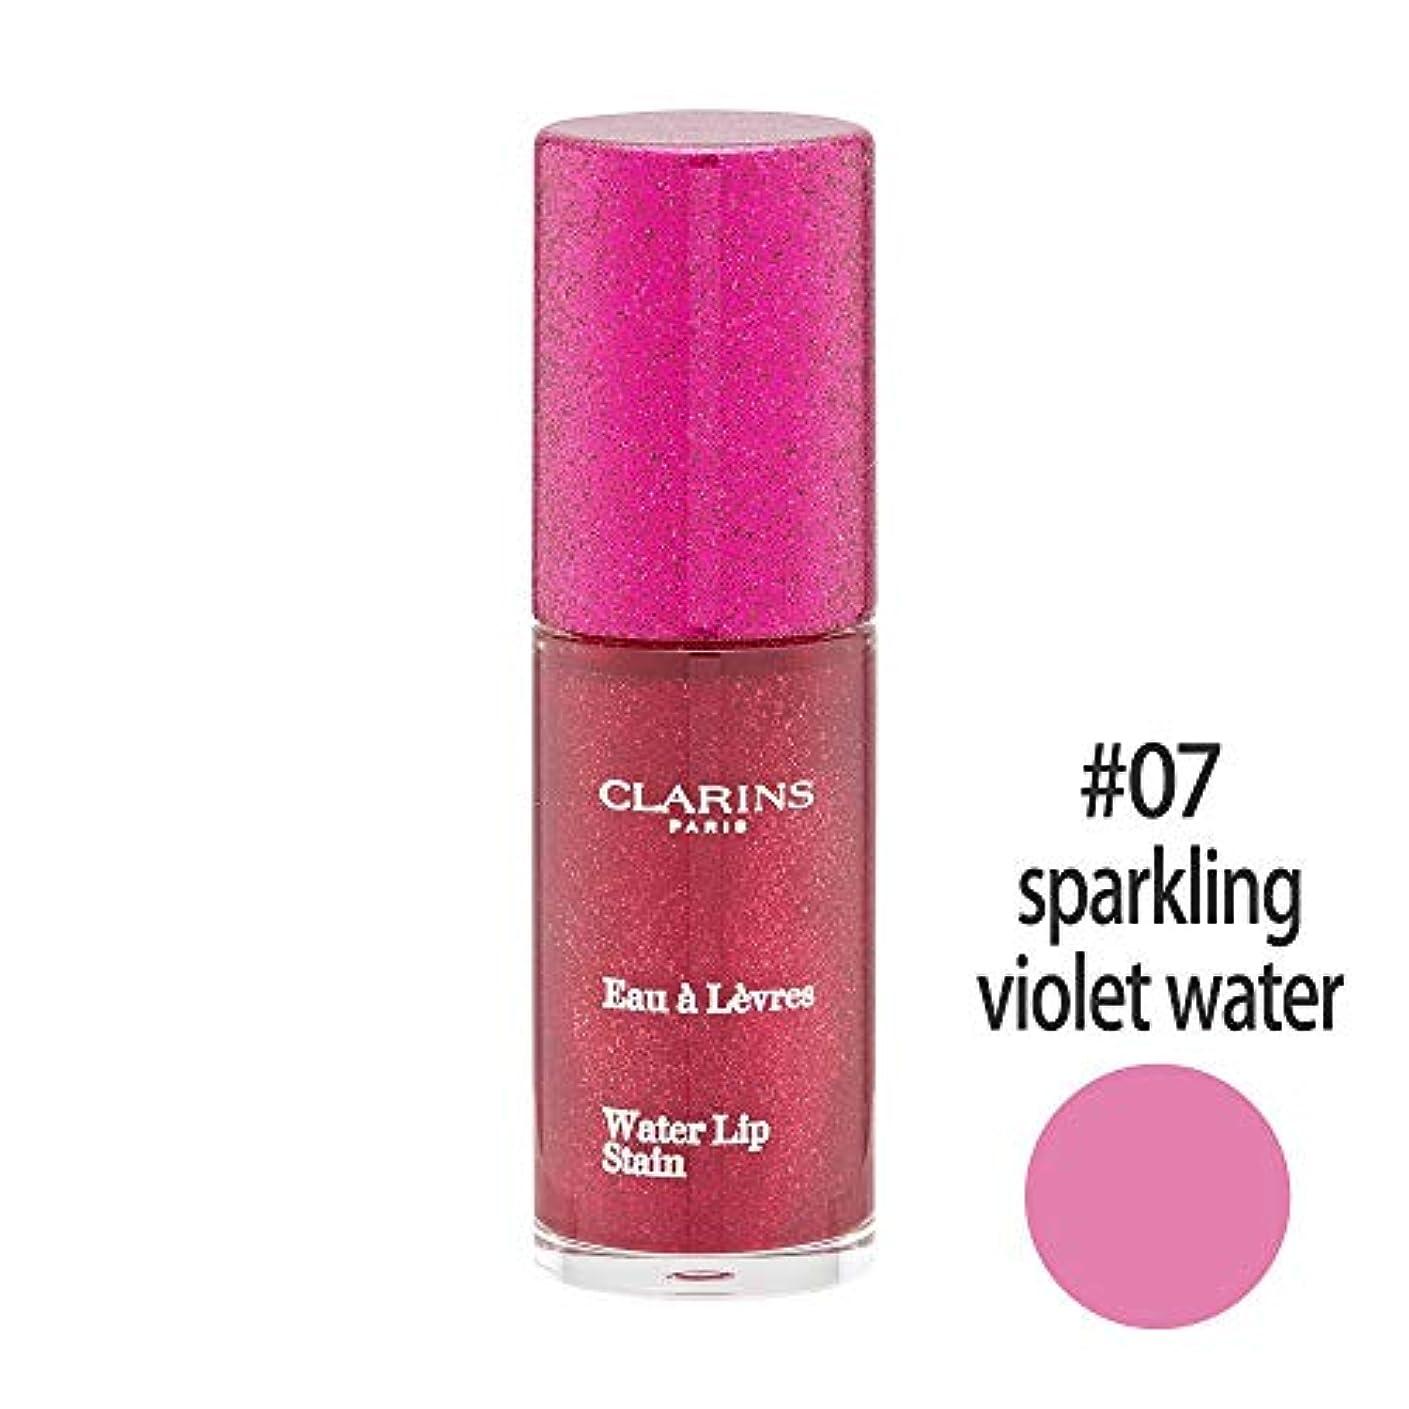 合わせて穿孔するブラウンクラランス(CLARINS) ウォーターリップ ステイン #07(sparkling violet water) [並行輸入品]